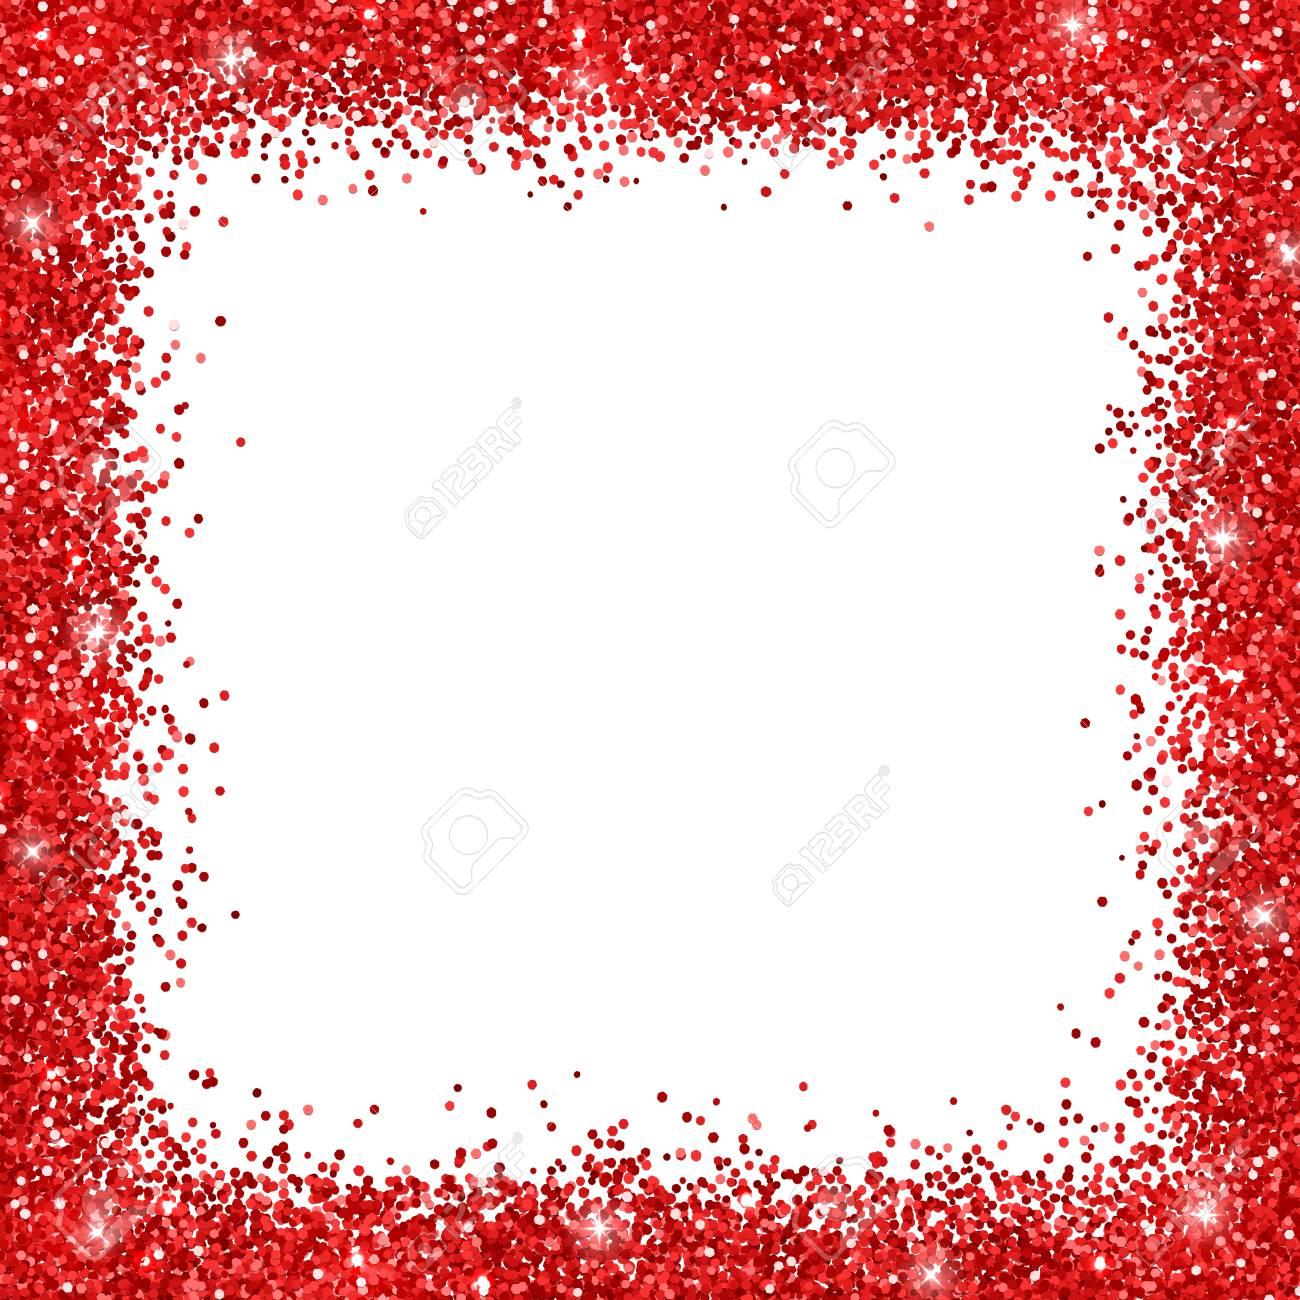 red border frame glitter on white background vector illustration